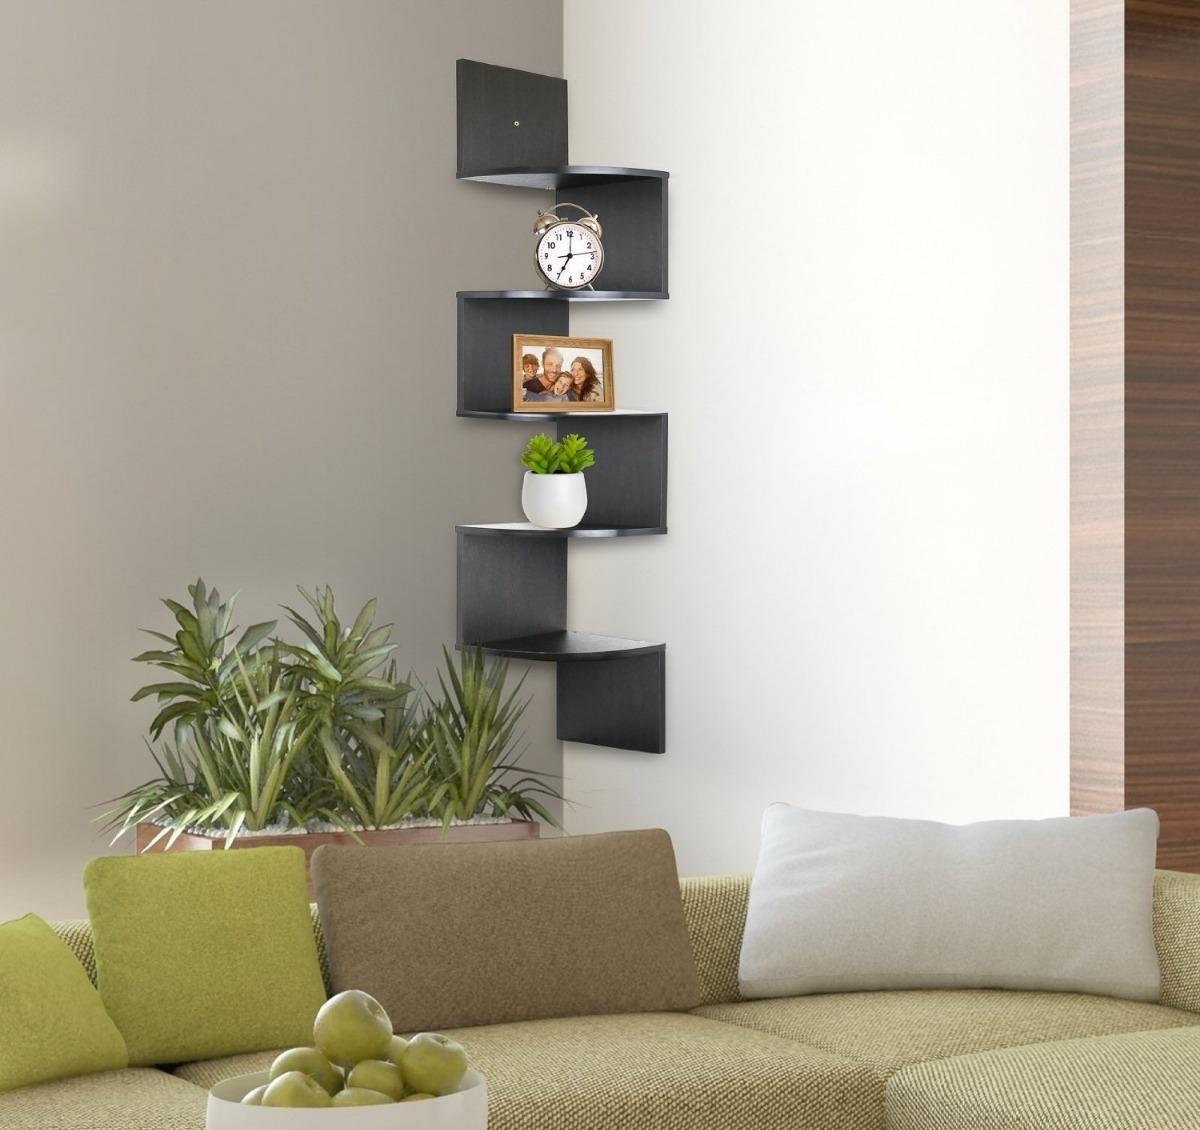 soporte de pared estanterías de esquina greenco 5 niveles. Cargando zoom. b09bbd4a350a